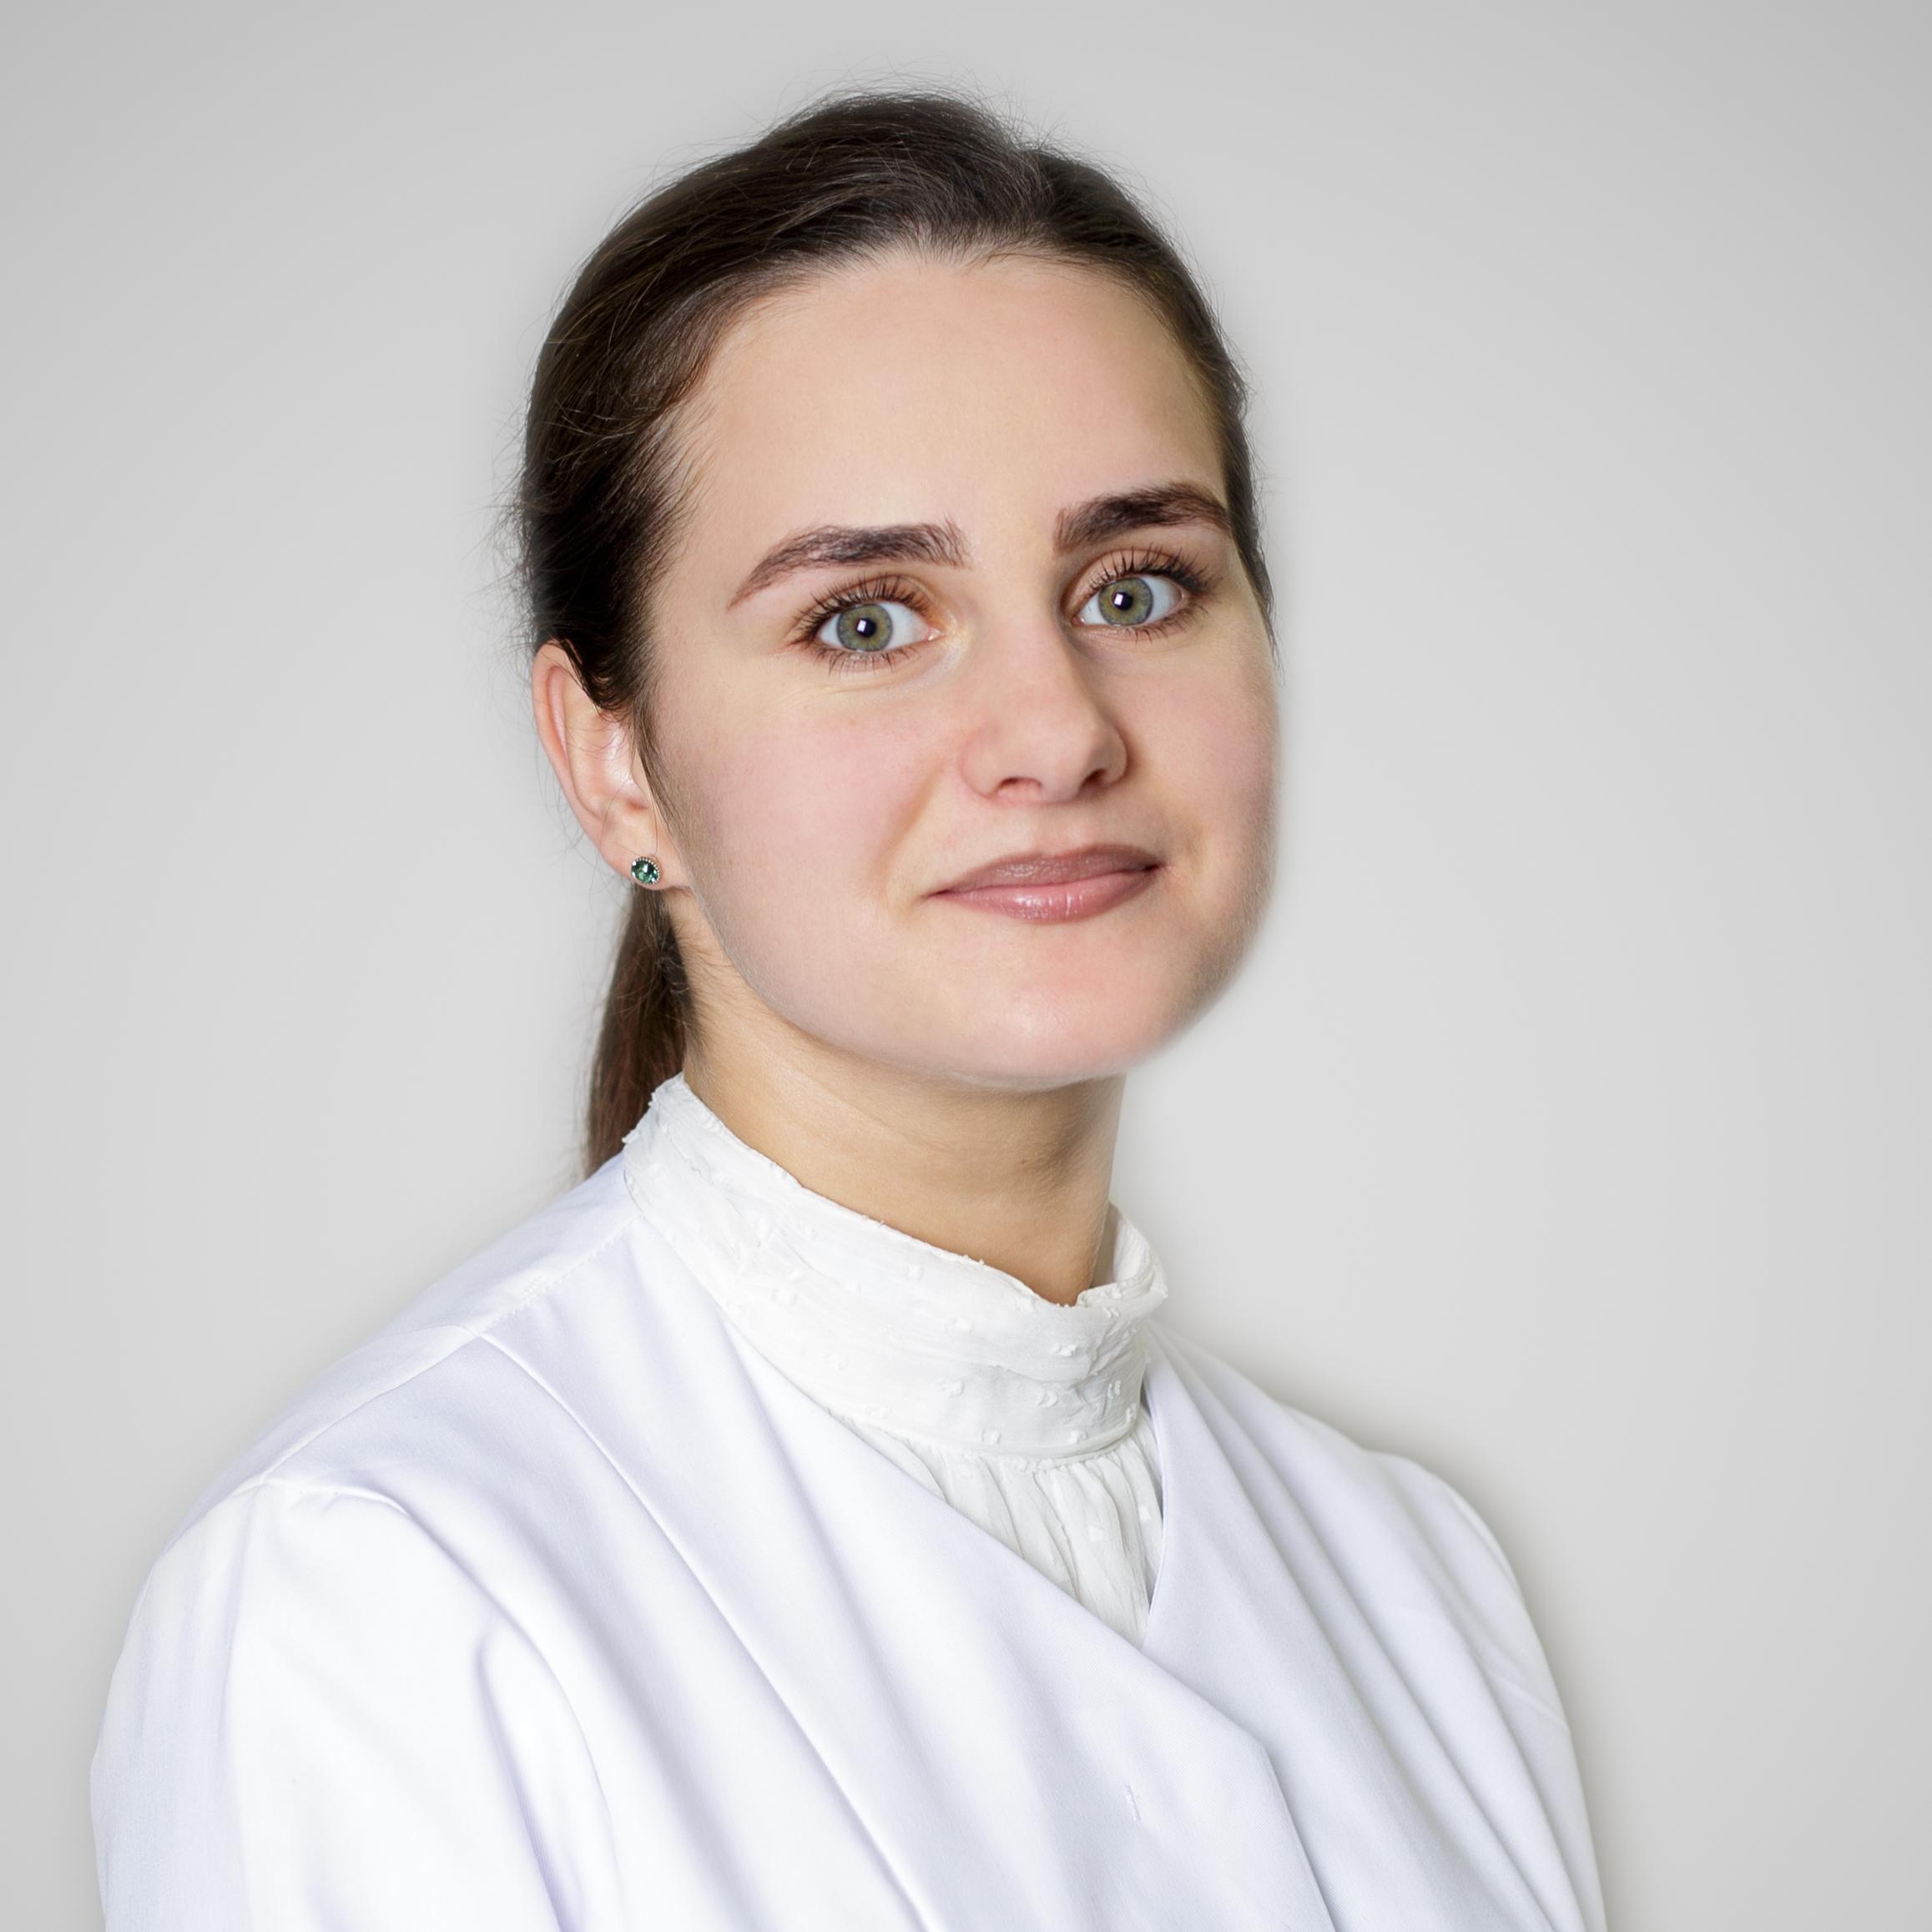 Viktorija Mickevič